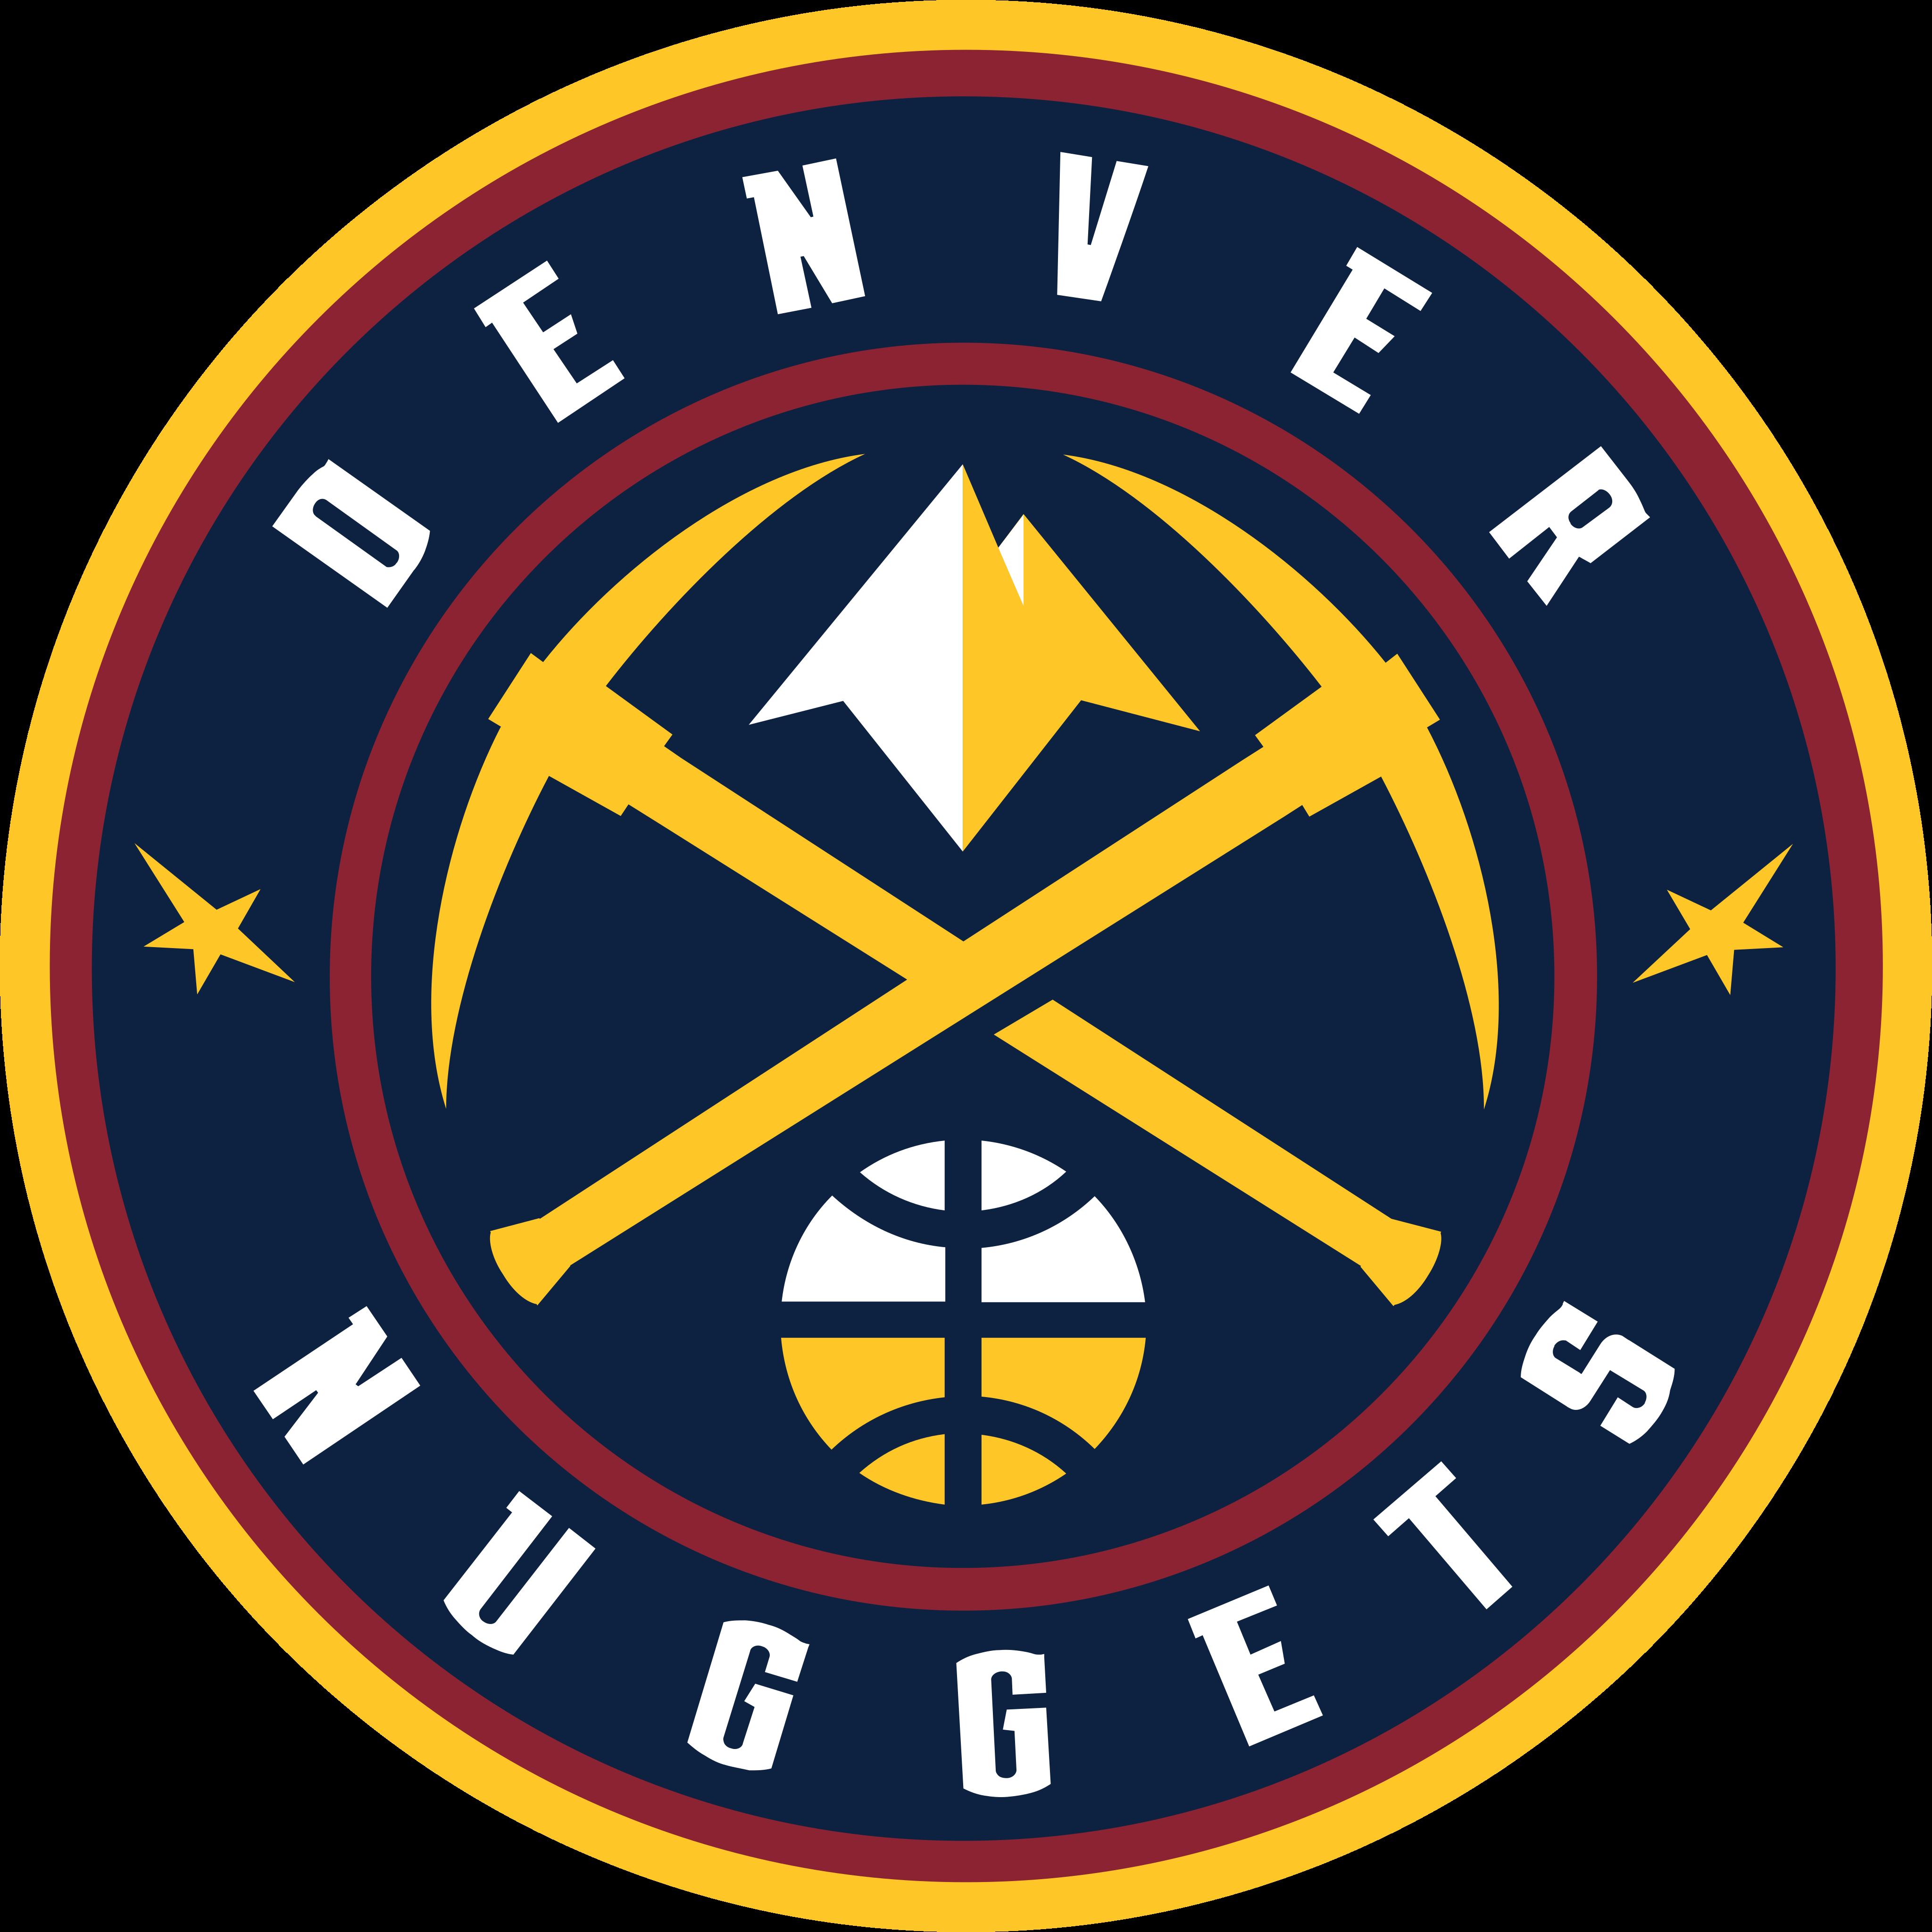 denver nuggets logo 1 - Denver Nuggets Logo